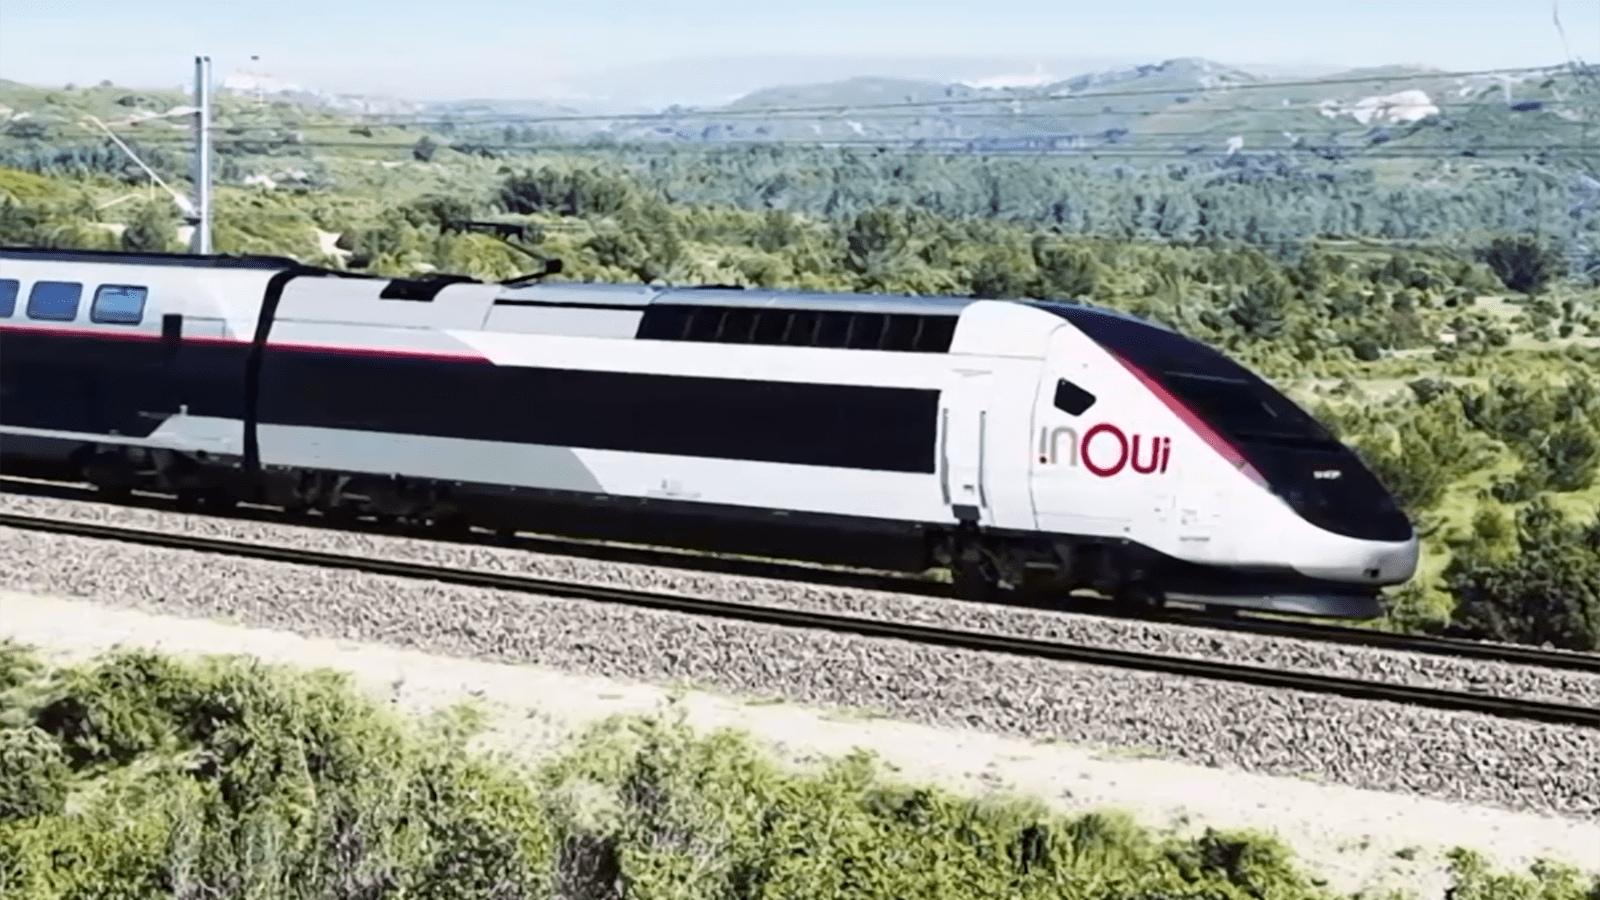 フランス国鉄が「TGV」ブランドを捨てる事情 | 鉄道ビジネス ...